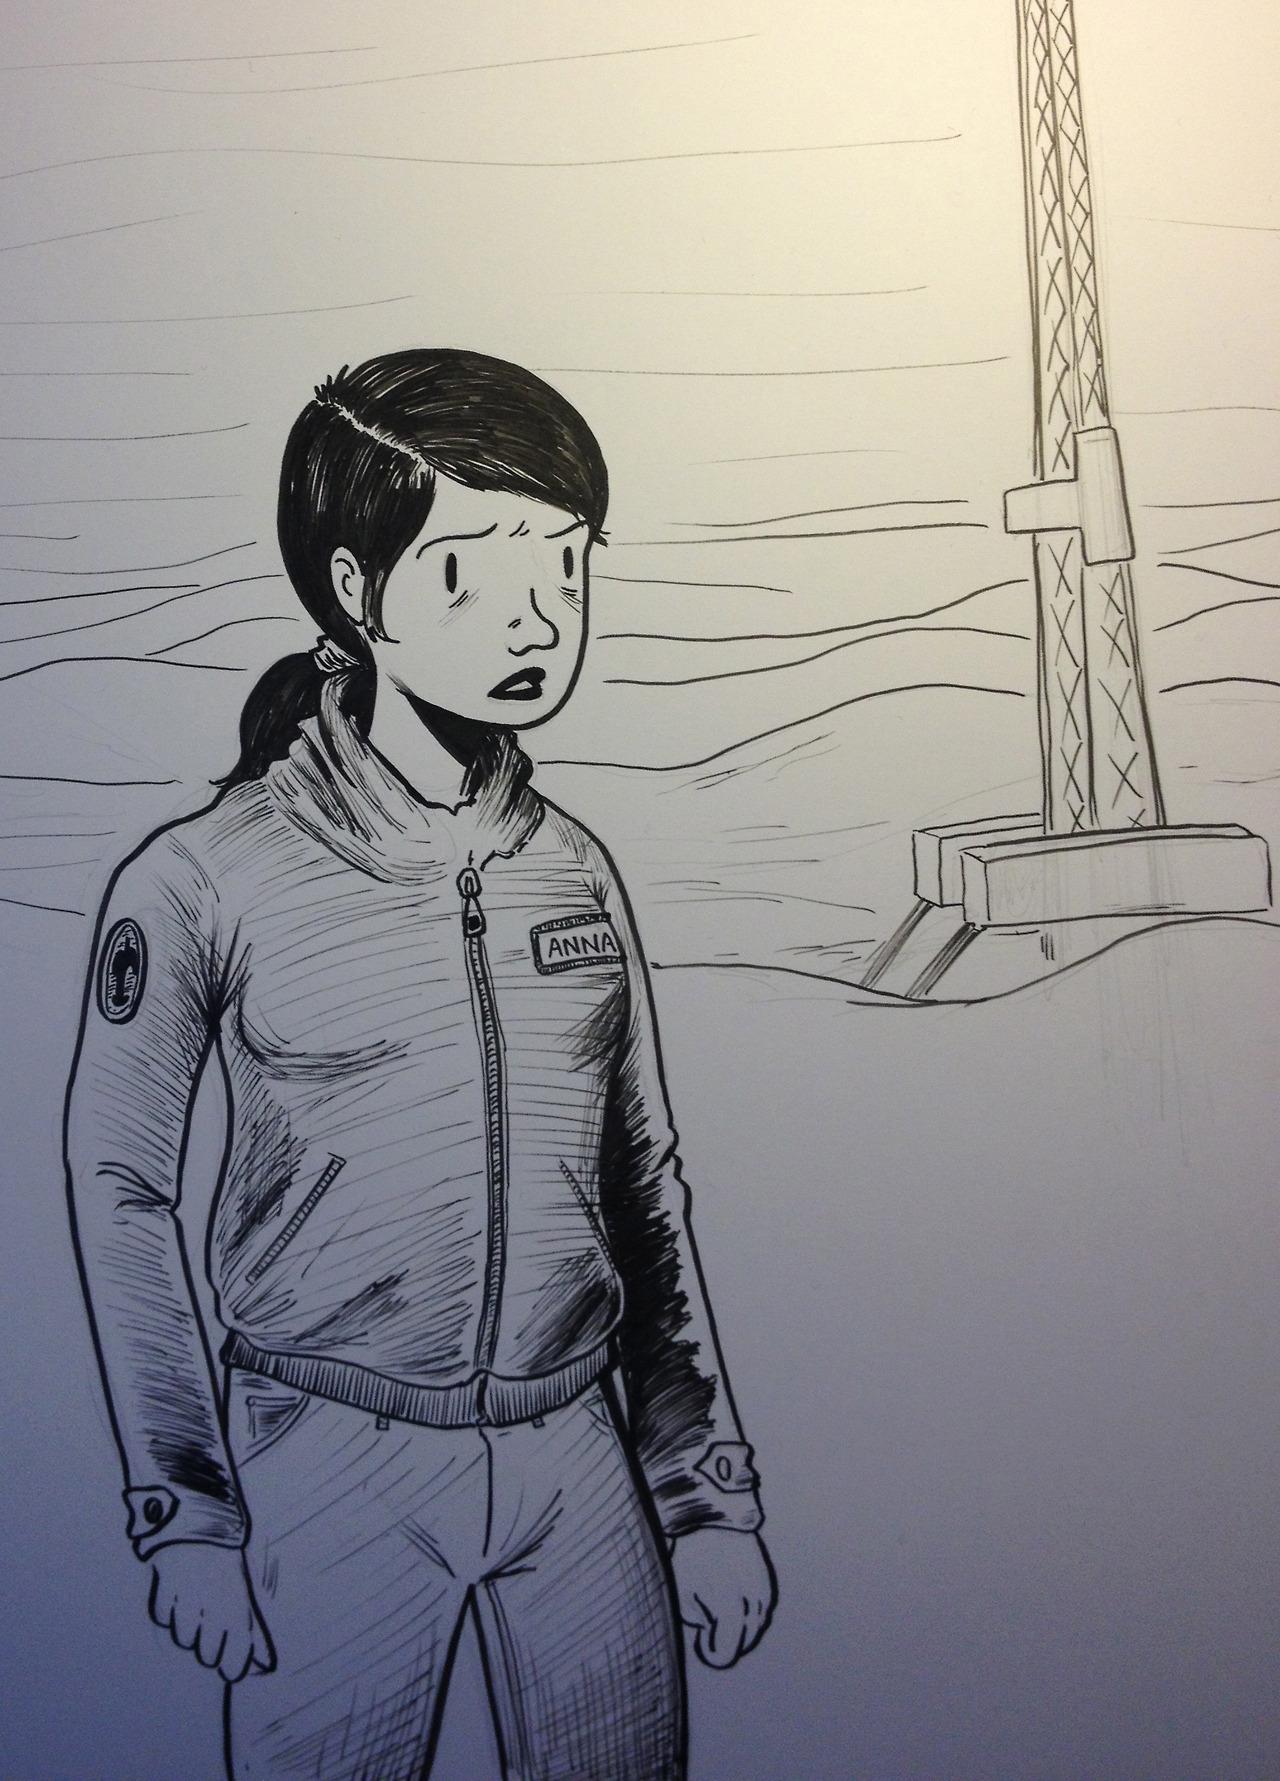 character sketchin'